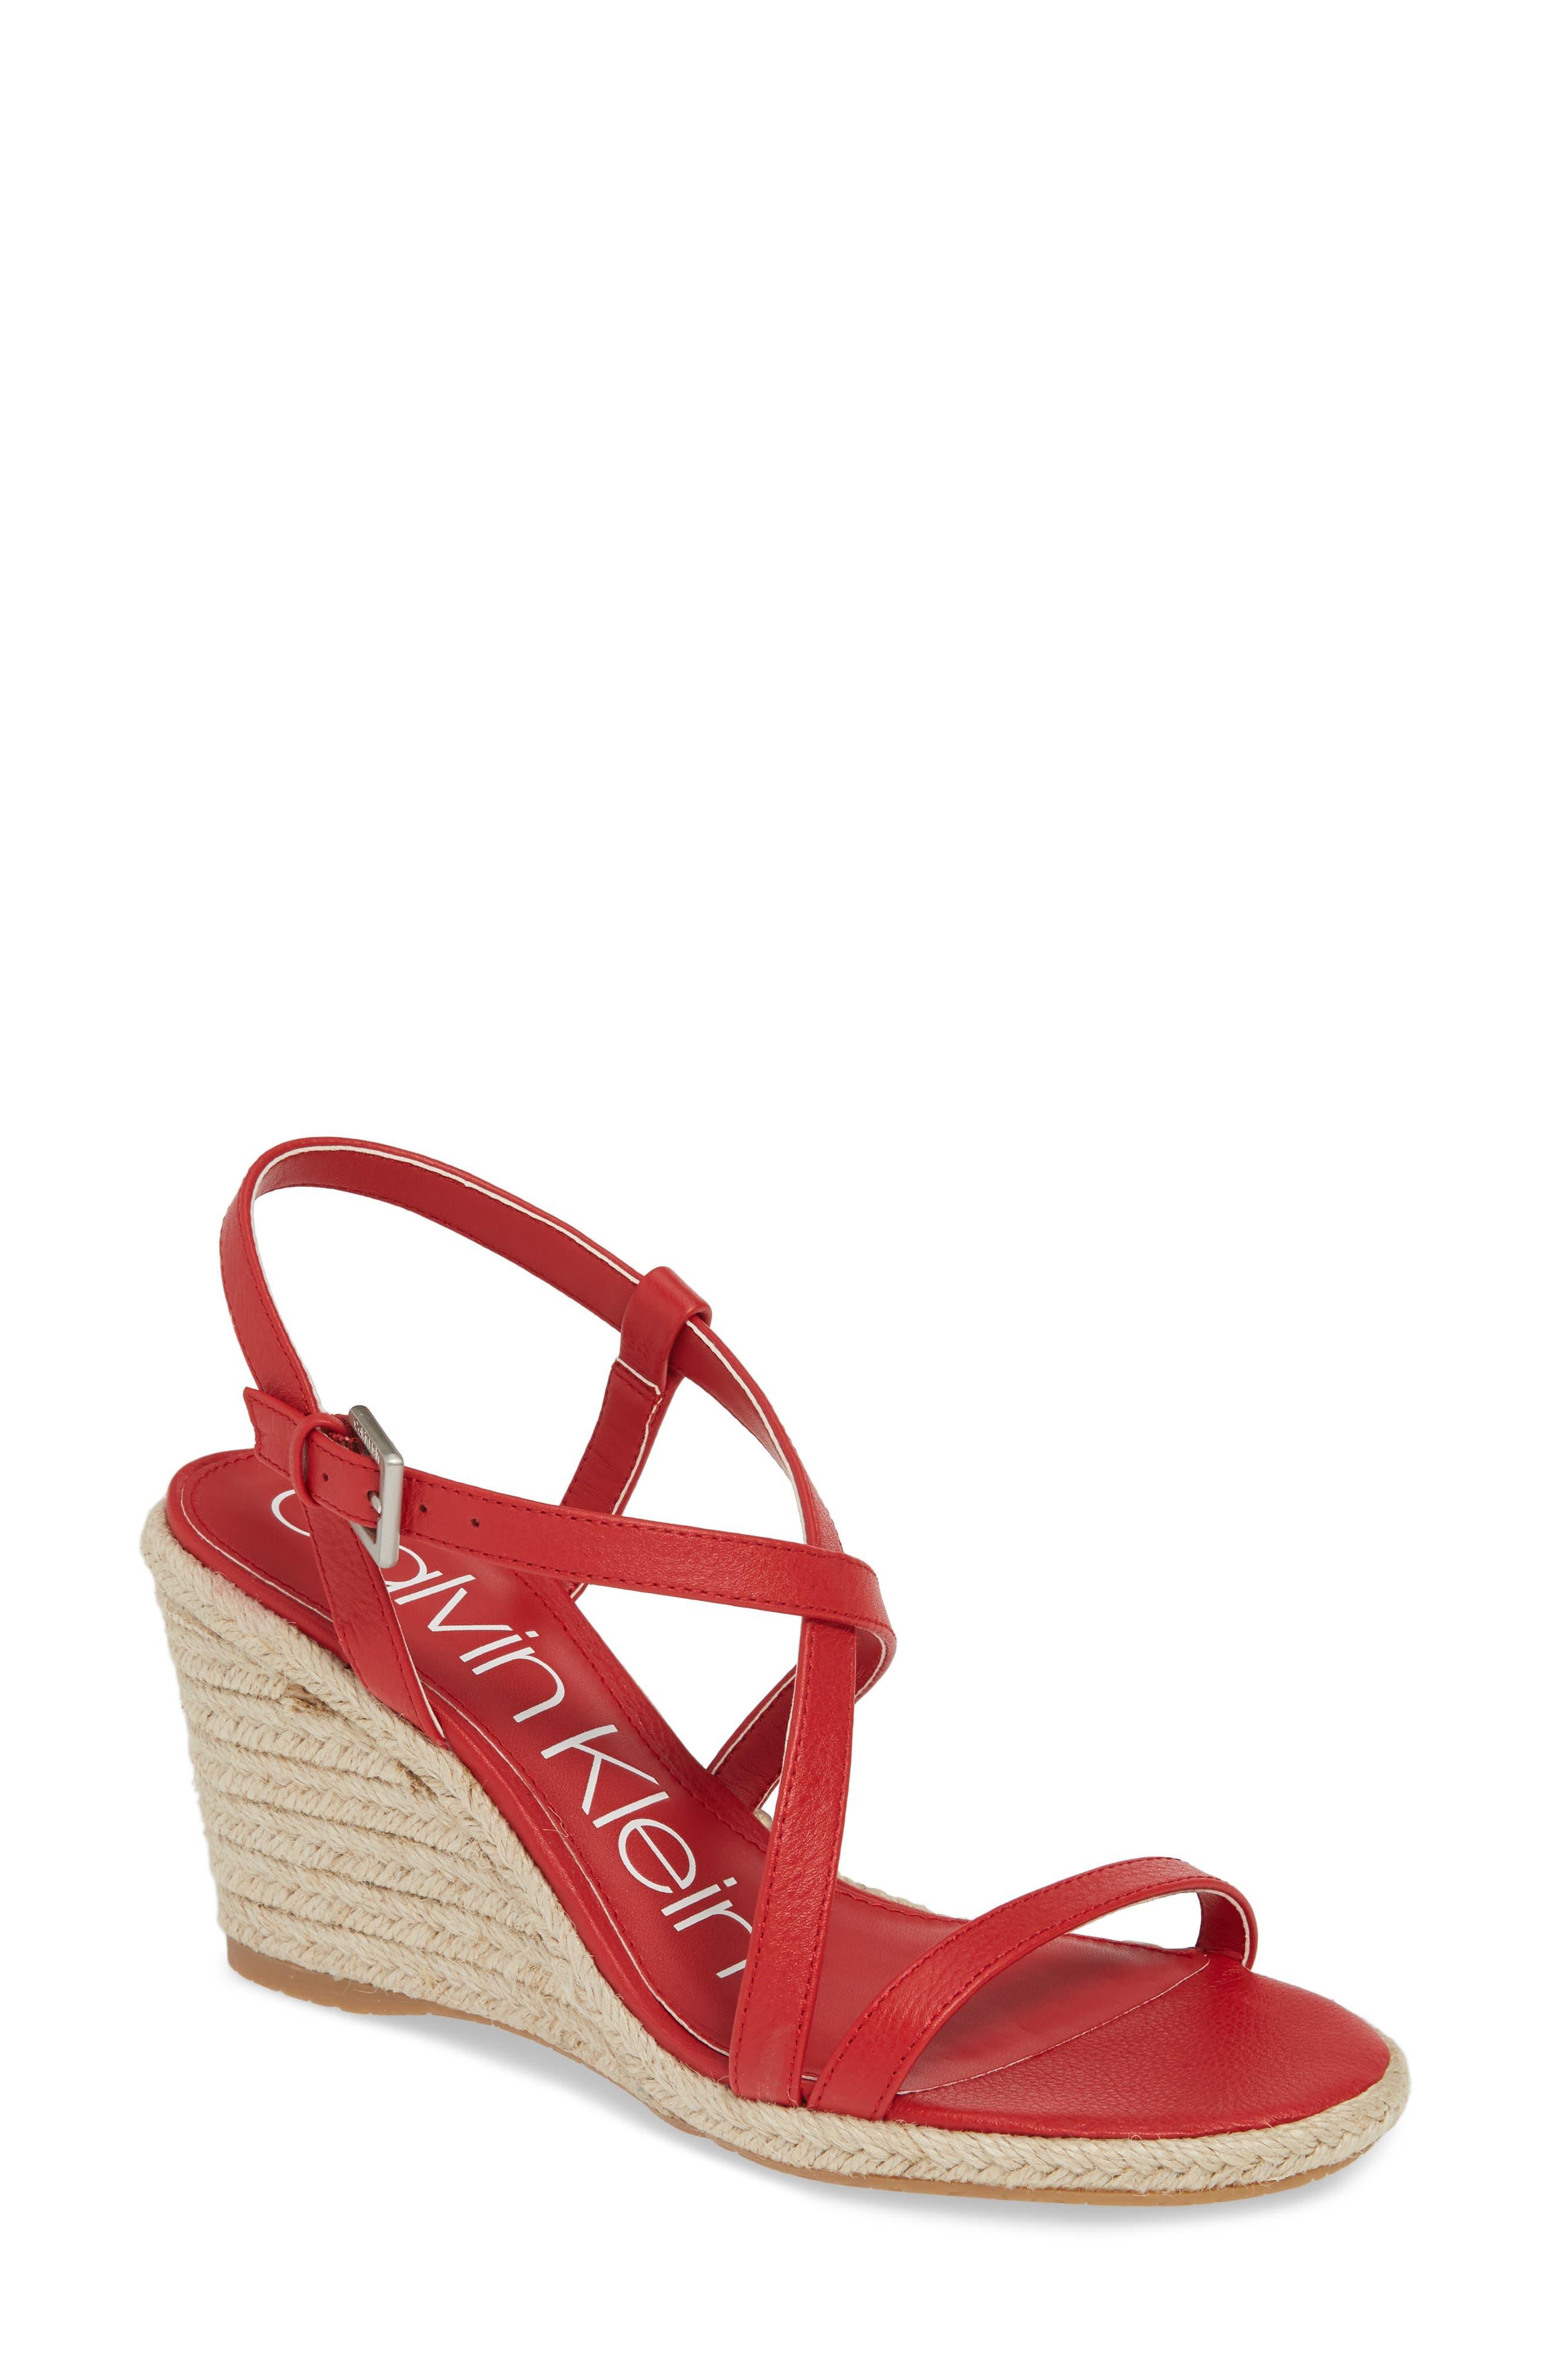 Calvin Klein Bellemine Espadrille Wedge Sandal, Red